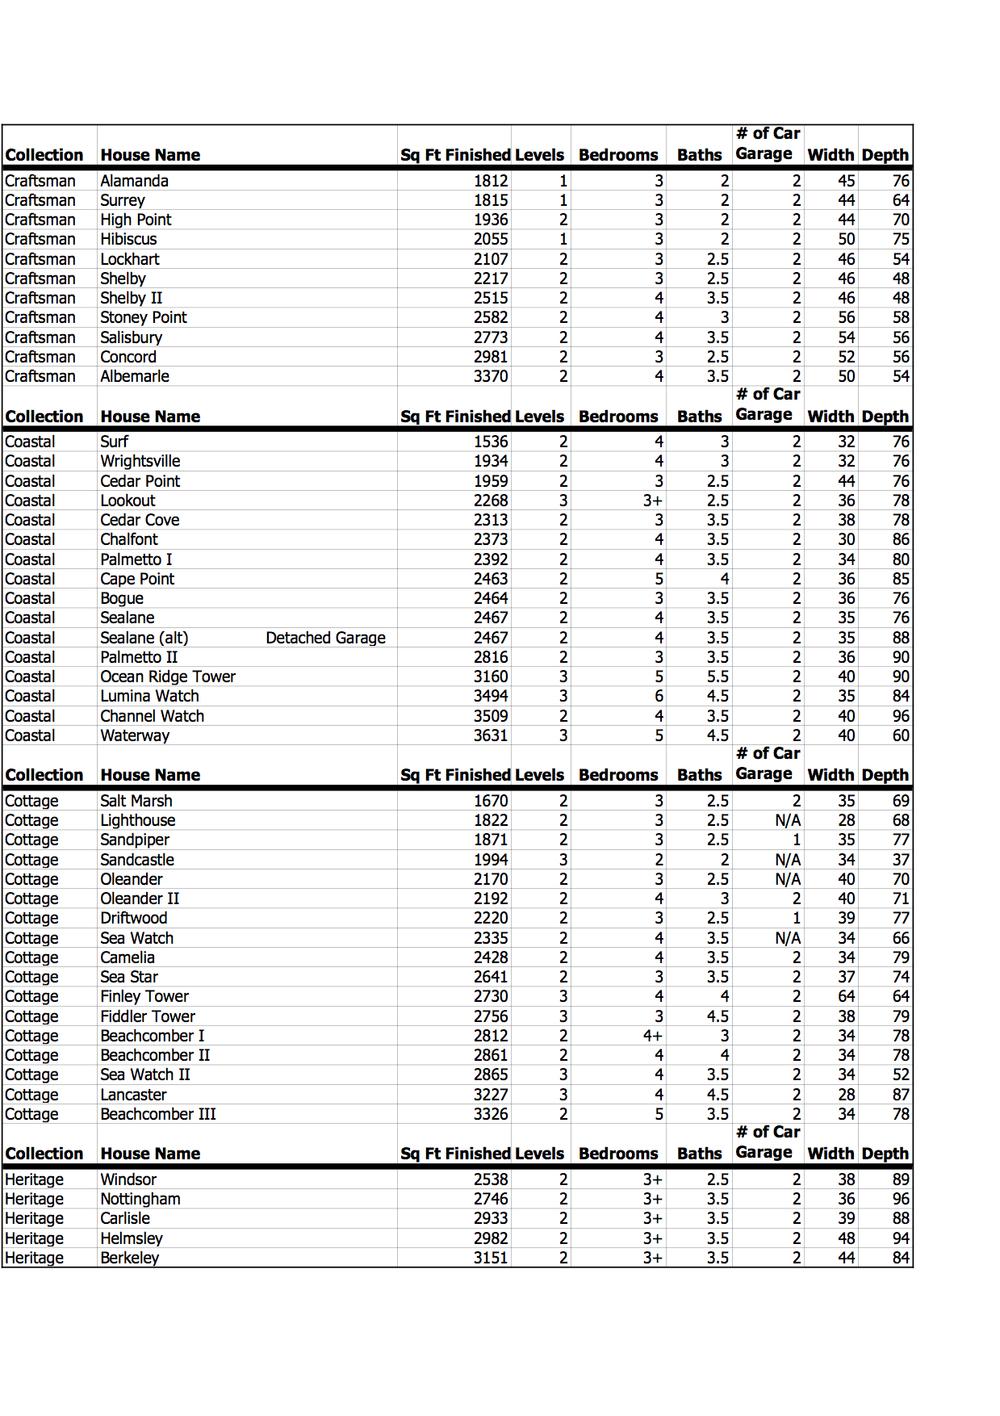 HomePlan_Spreadsheet.jpg